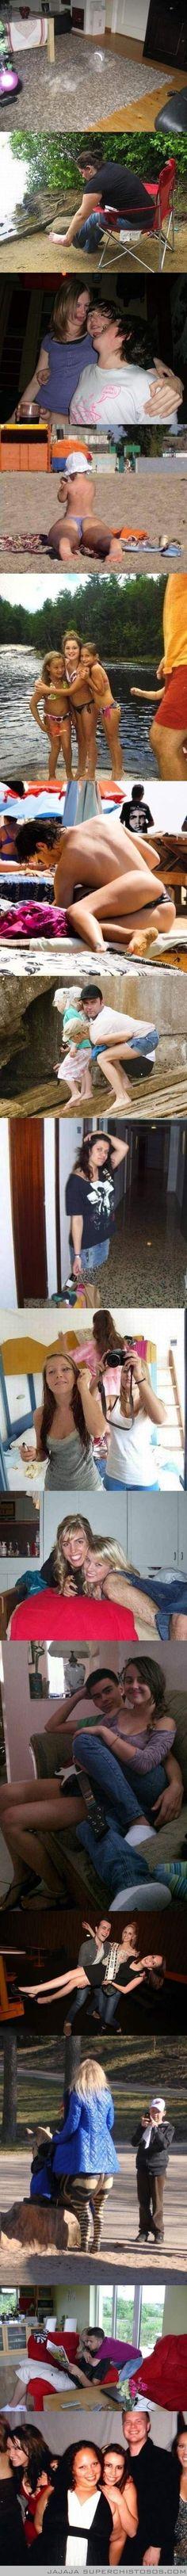 Las mejores ilusiones opticas.jpg